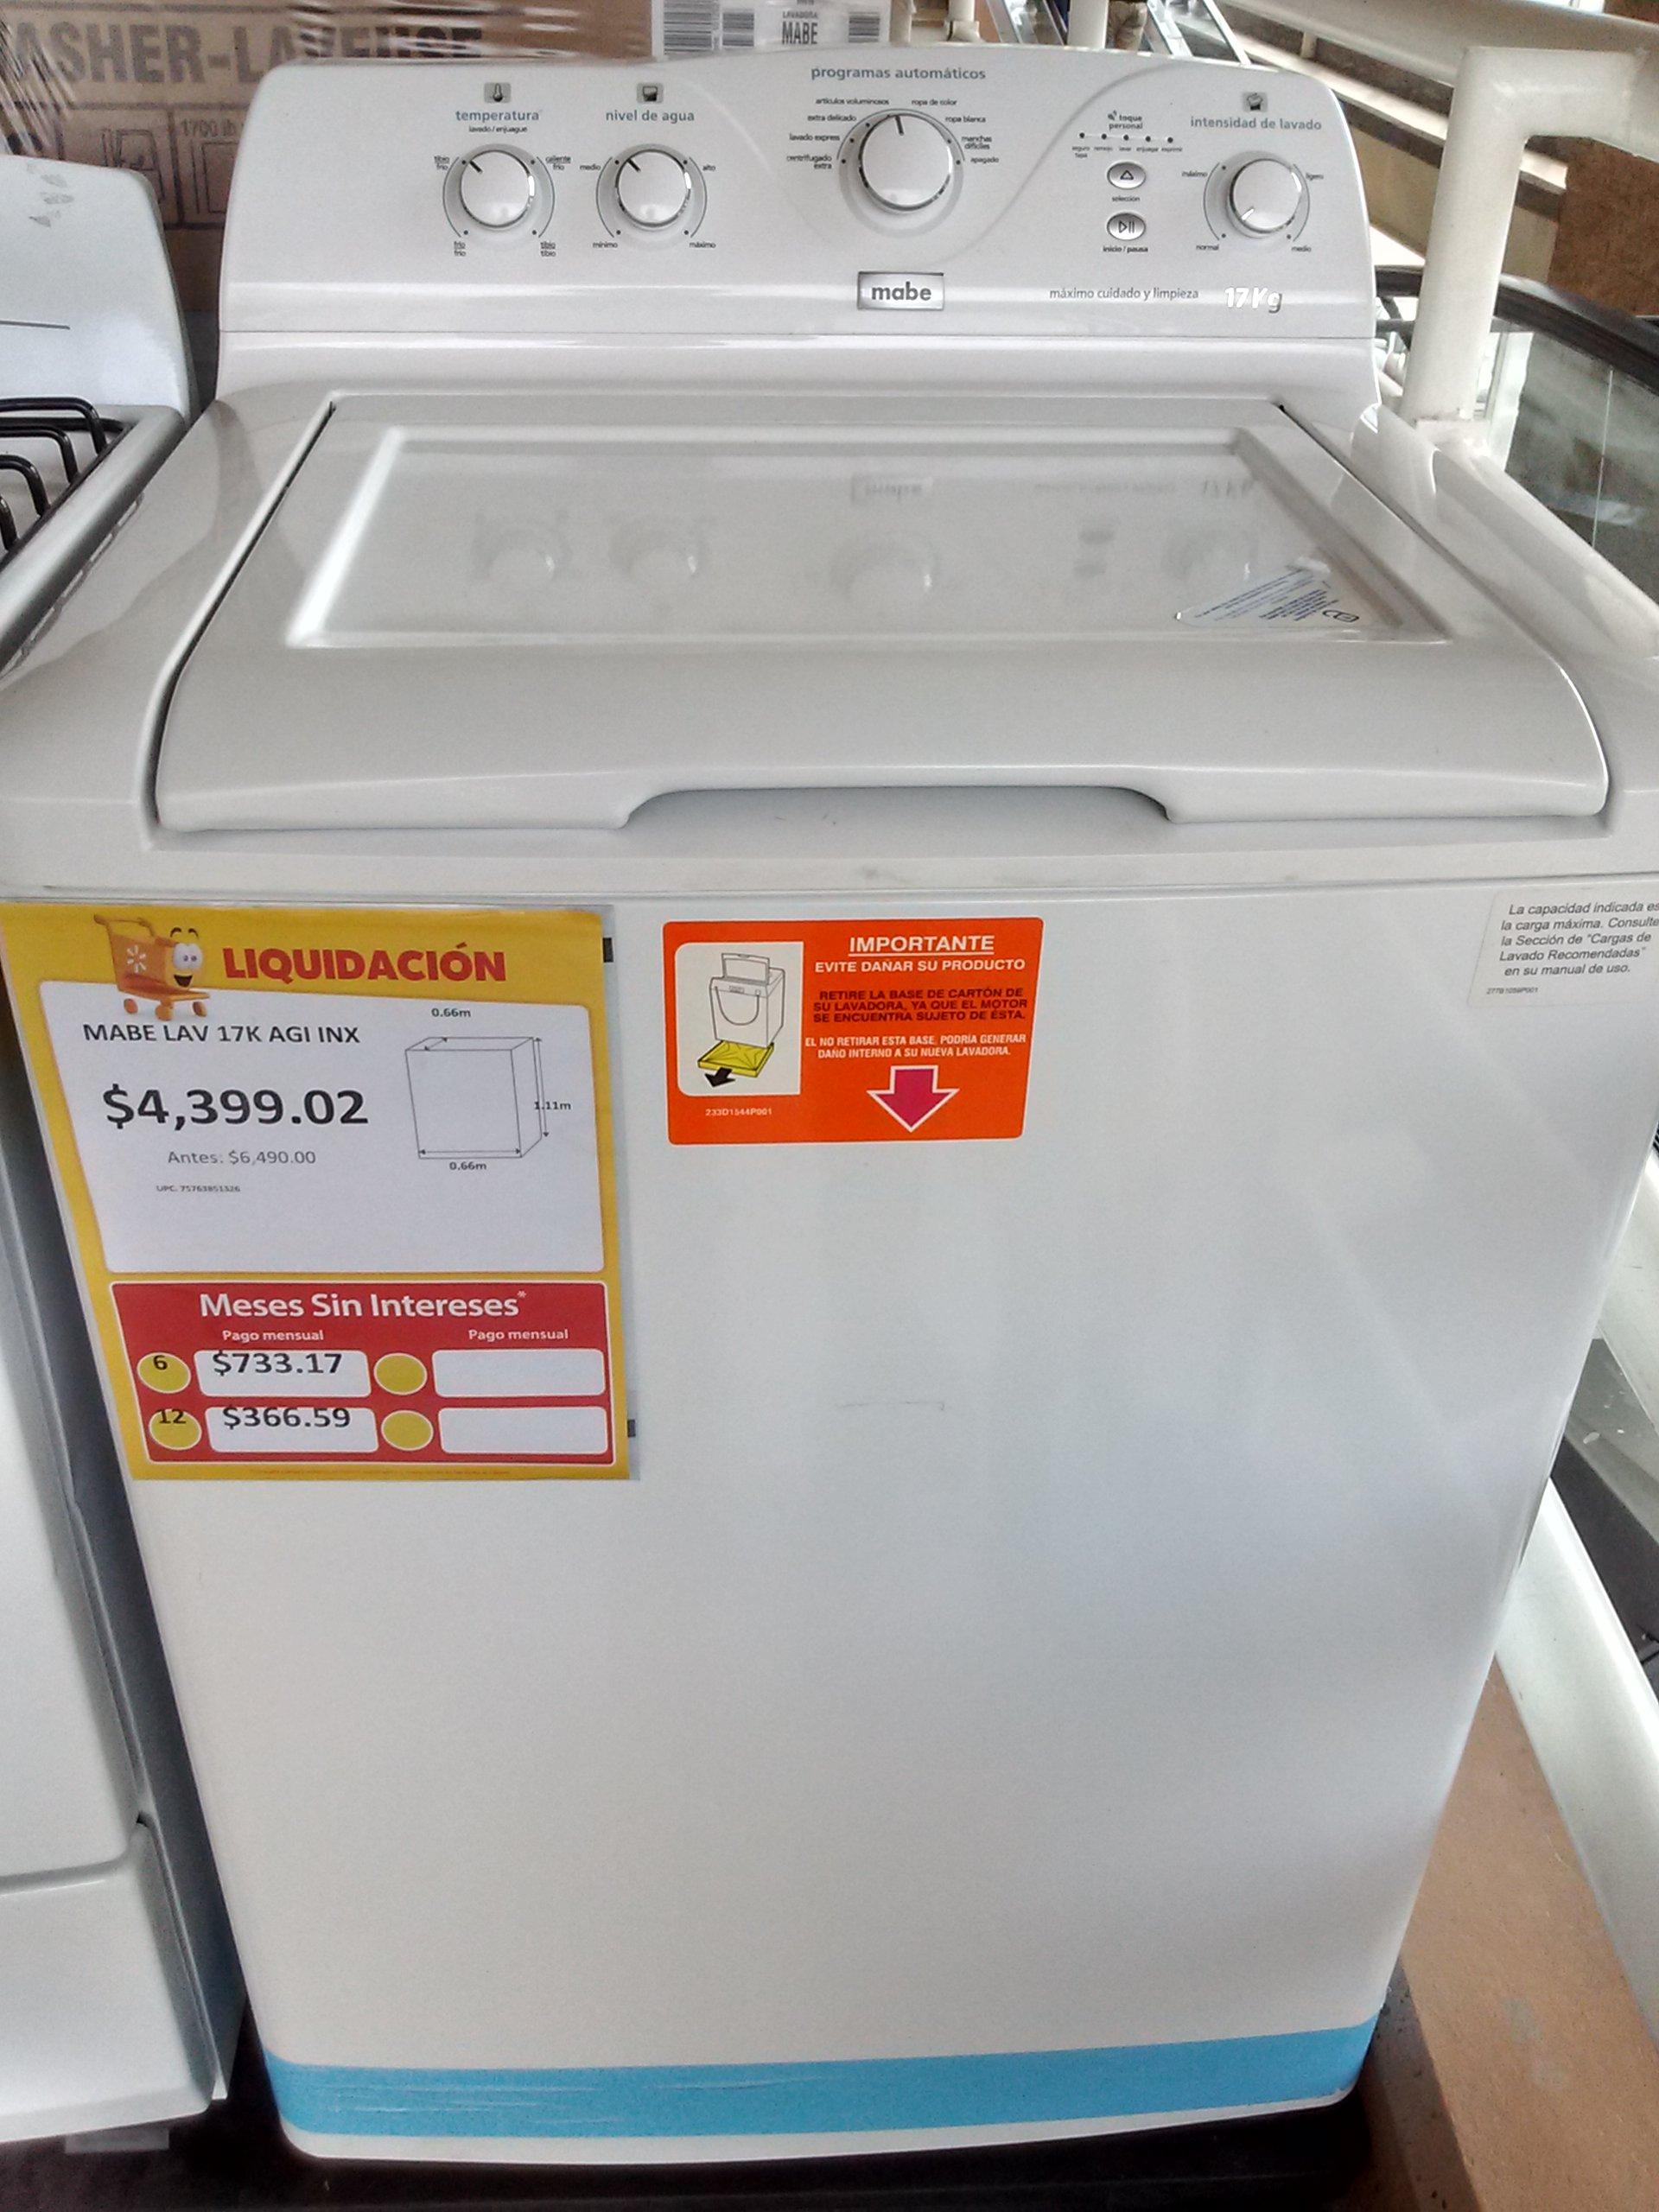 Walmart Chilpancingo: lavadora Mabe 17 kg segunda liquidación $4399